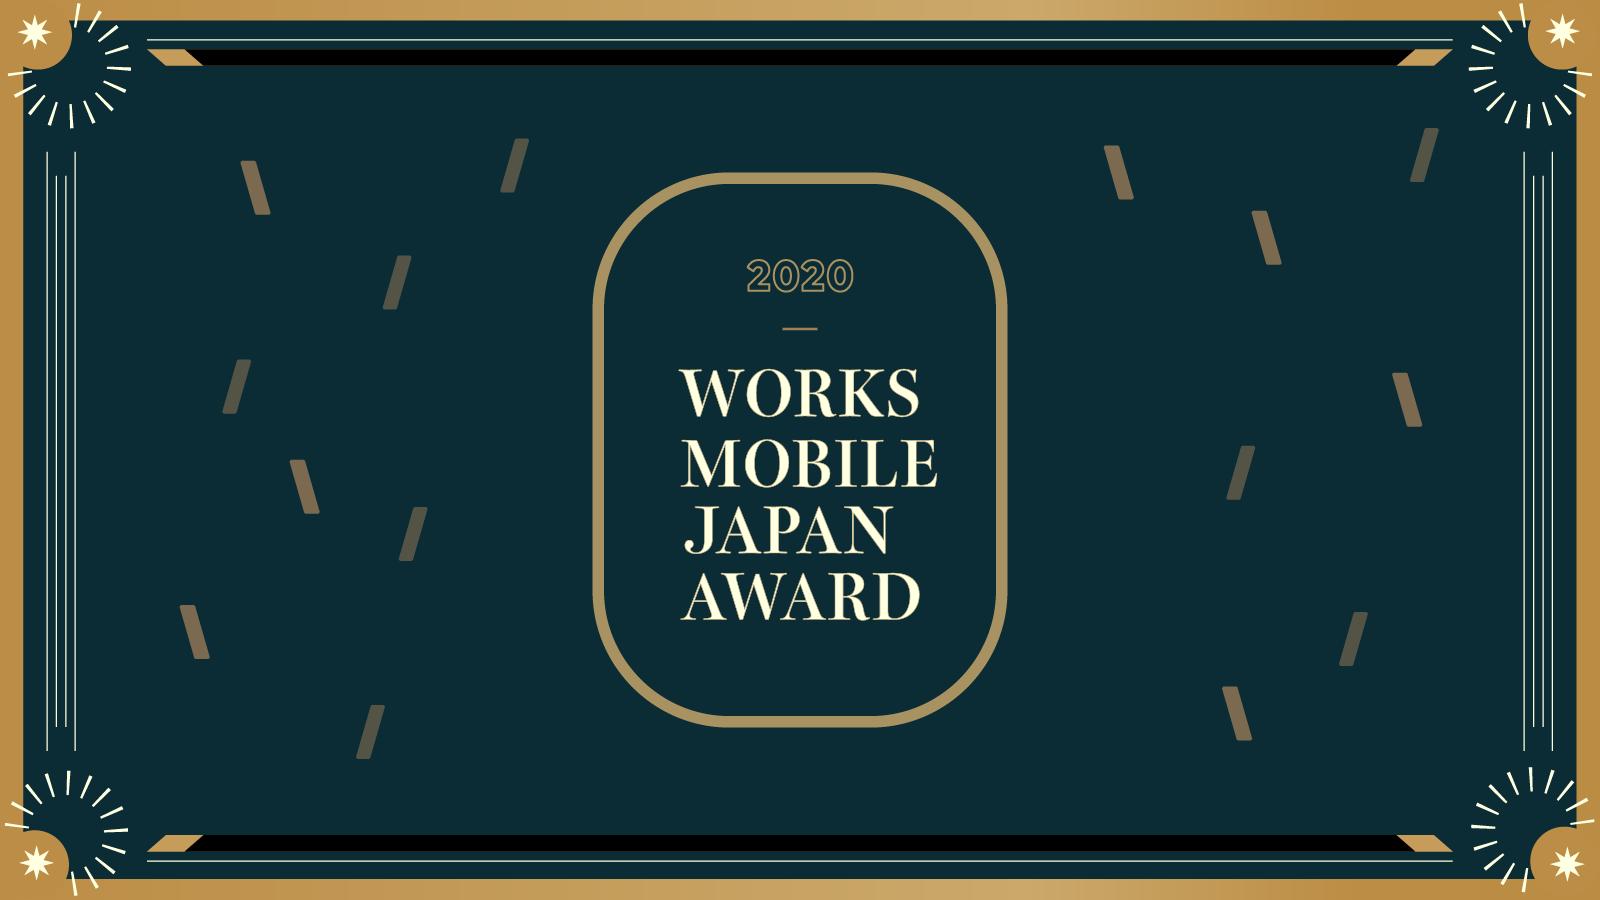 Works Mobile Japan Awards